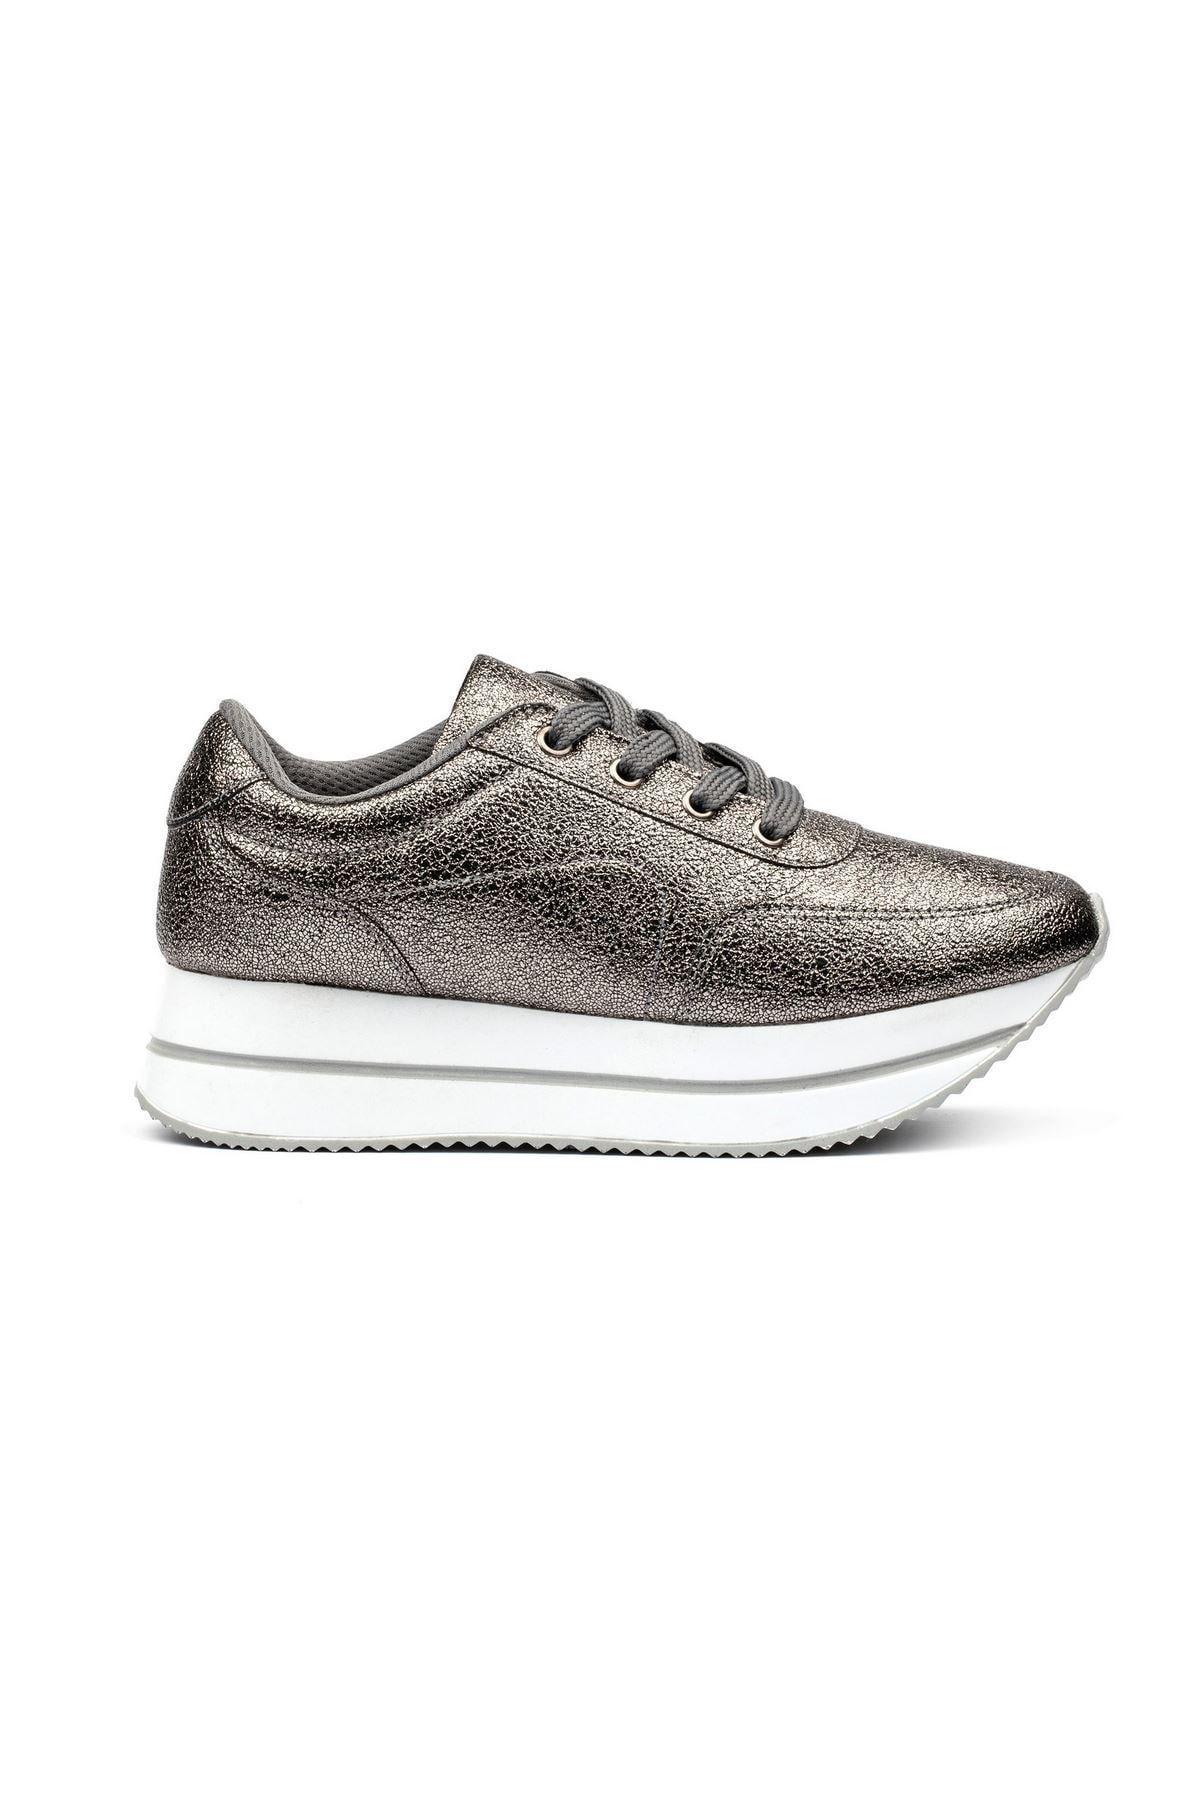 LETOON Kadın Casual Ayakkabı - 7218ZN 1